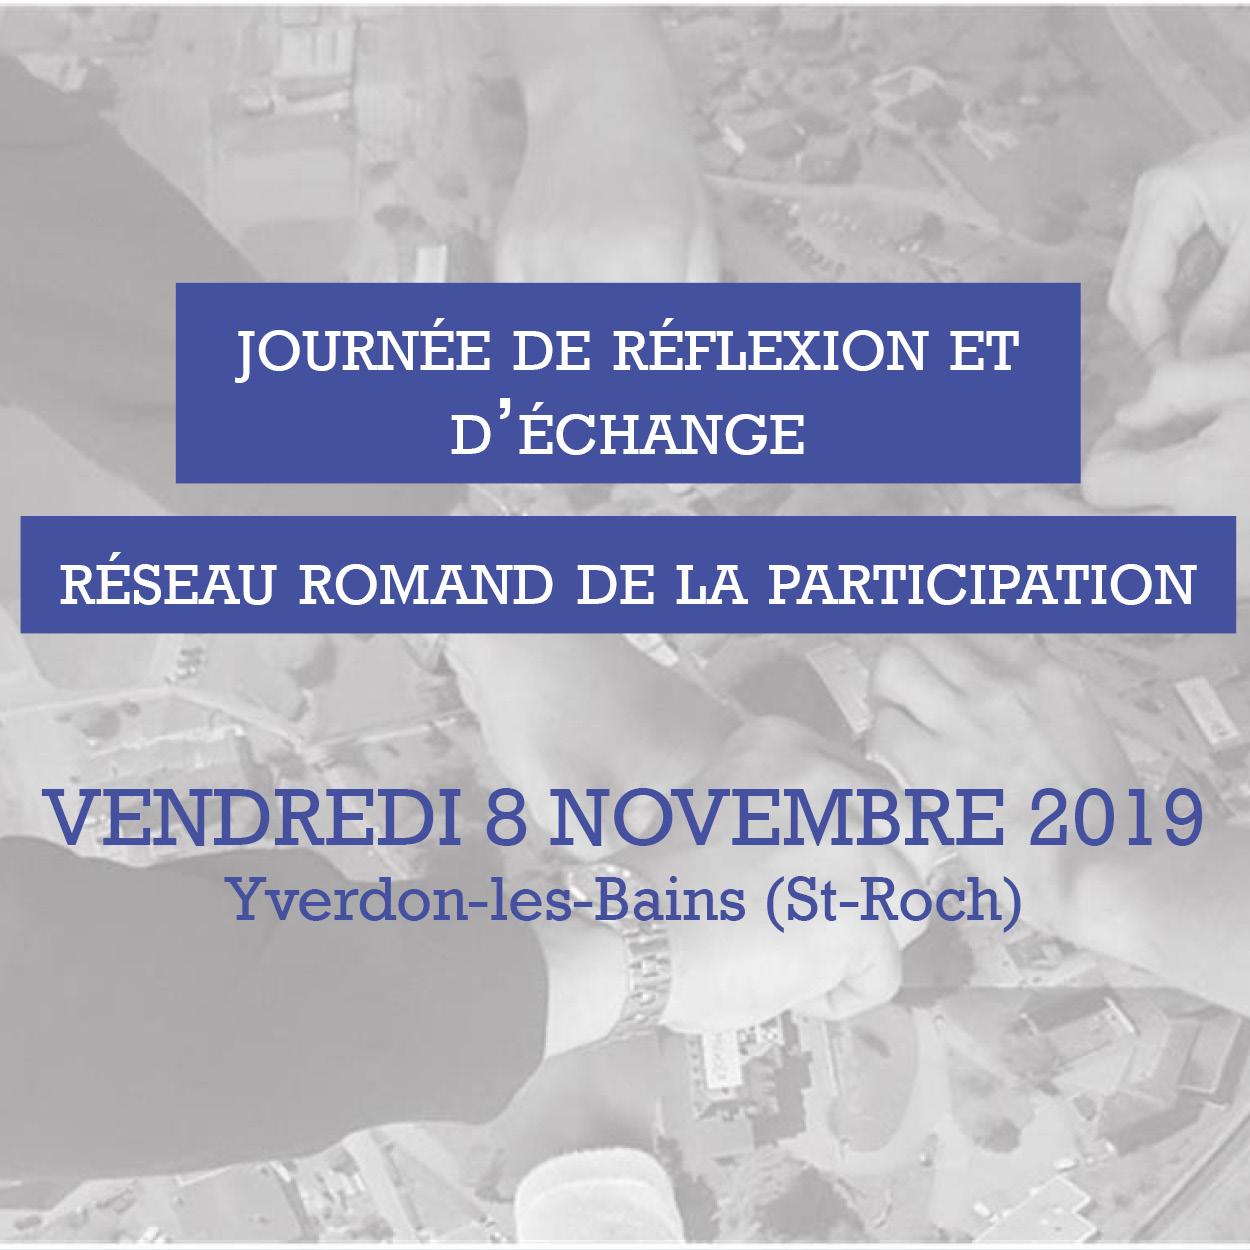 Journée de réflexion et d'échange du 8 novembre 2019 (Yverdon-les-Bains)